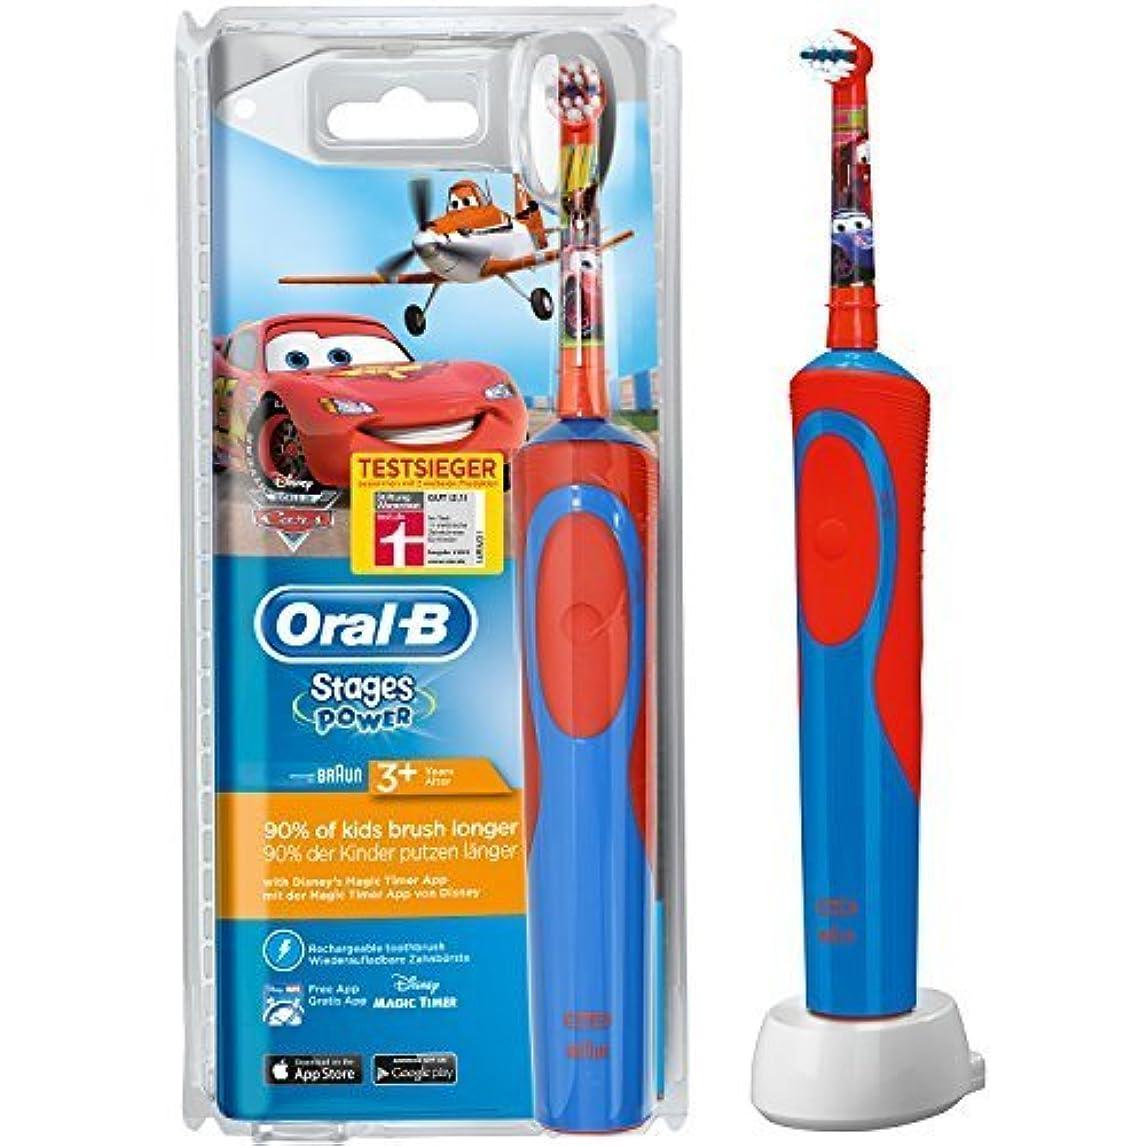 吸い込む廃棄する前部Oral-B Stages Power Cars Children's Electric Toothbrush with Timer by Oral-B [並行輸入品]